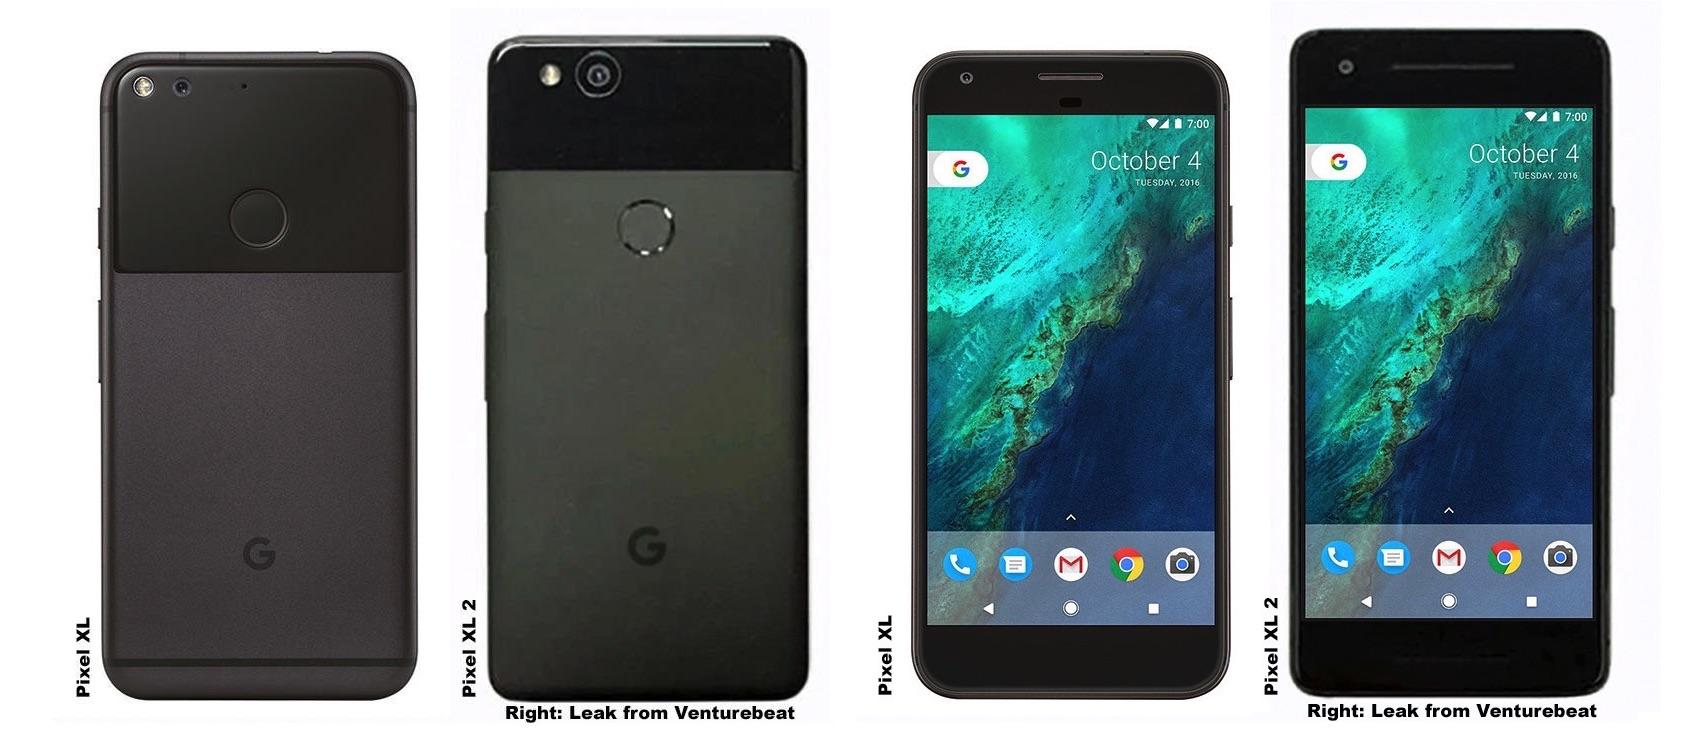 Google Pixel XL 2 в сравнении с оригинальным Pixel XL